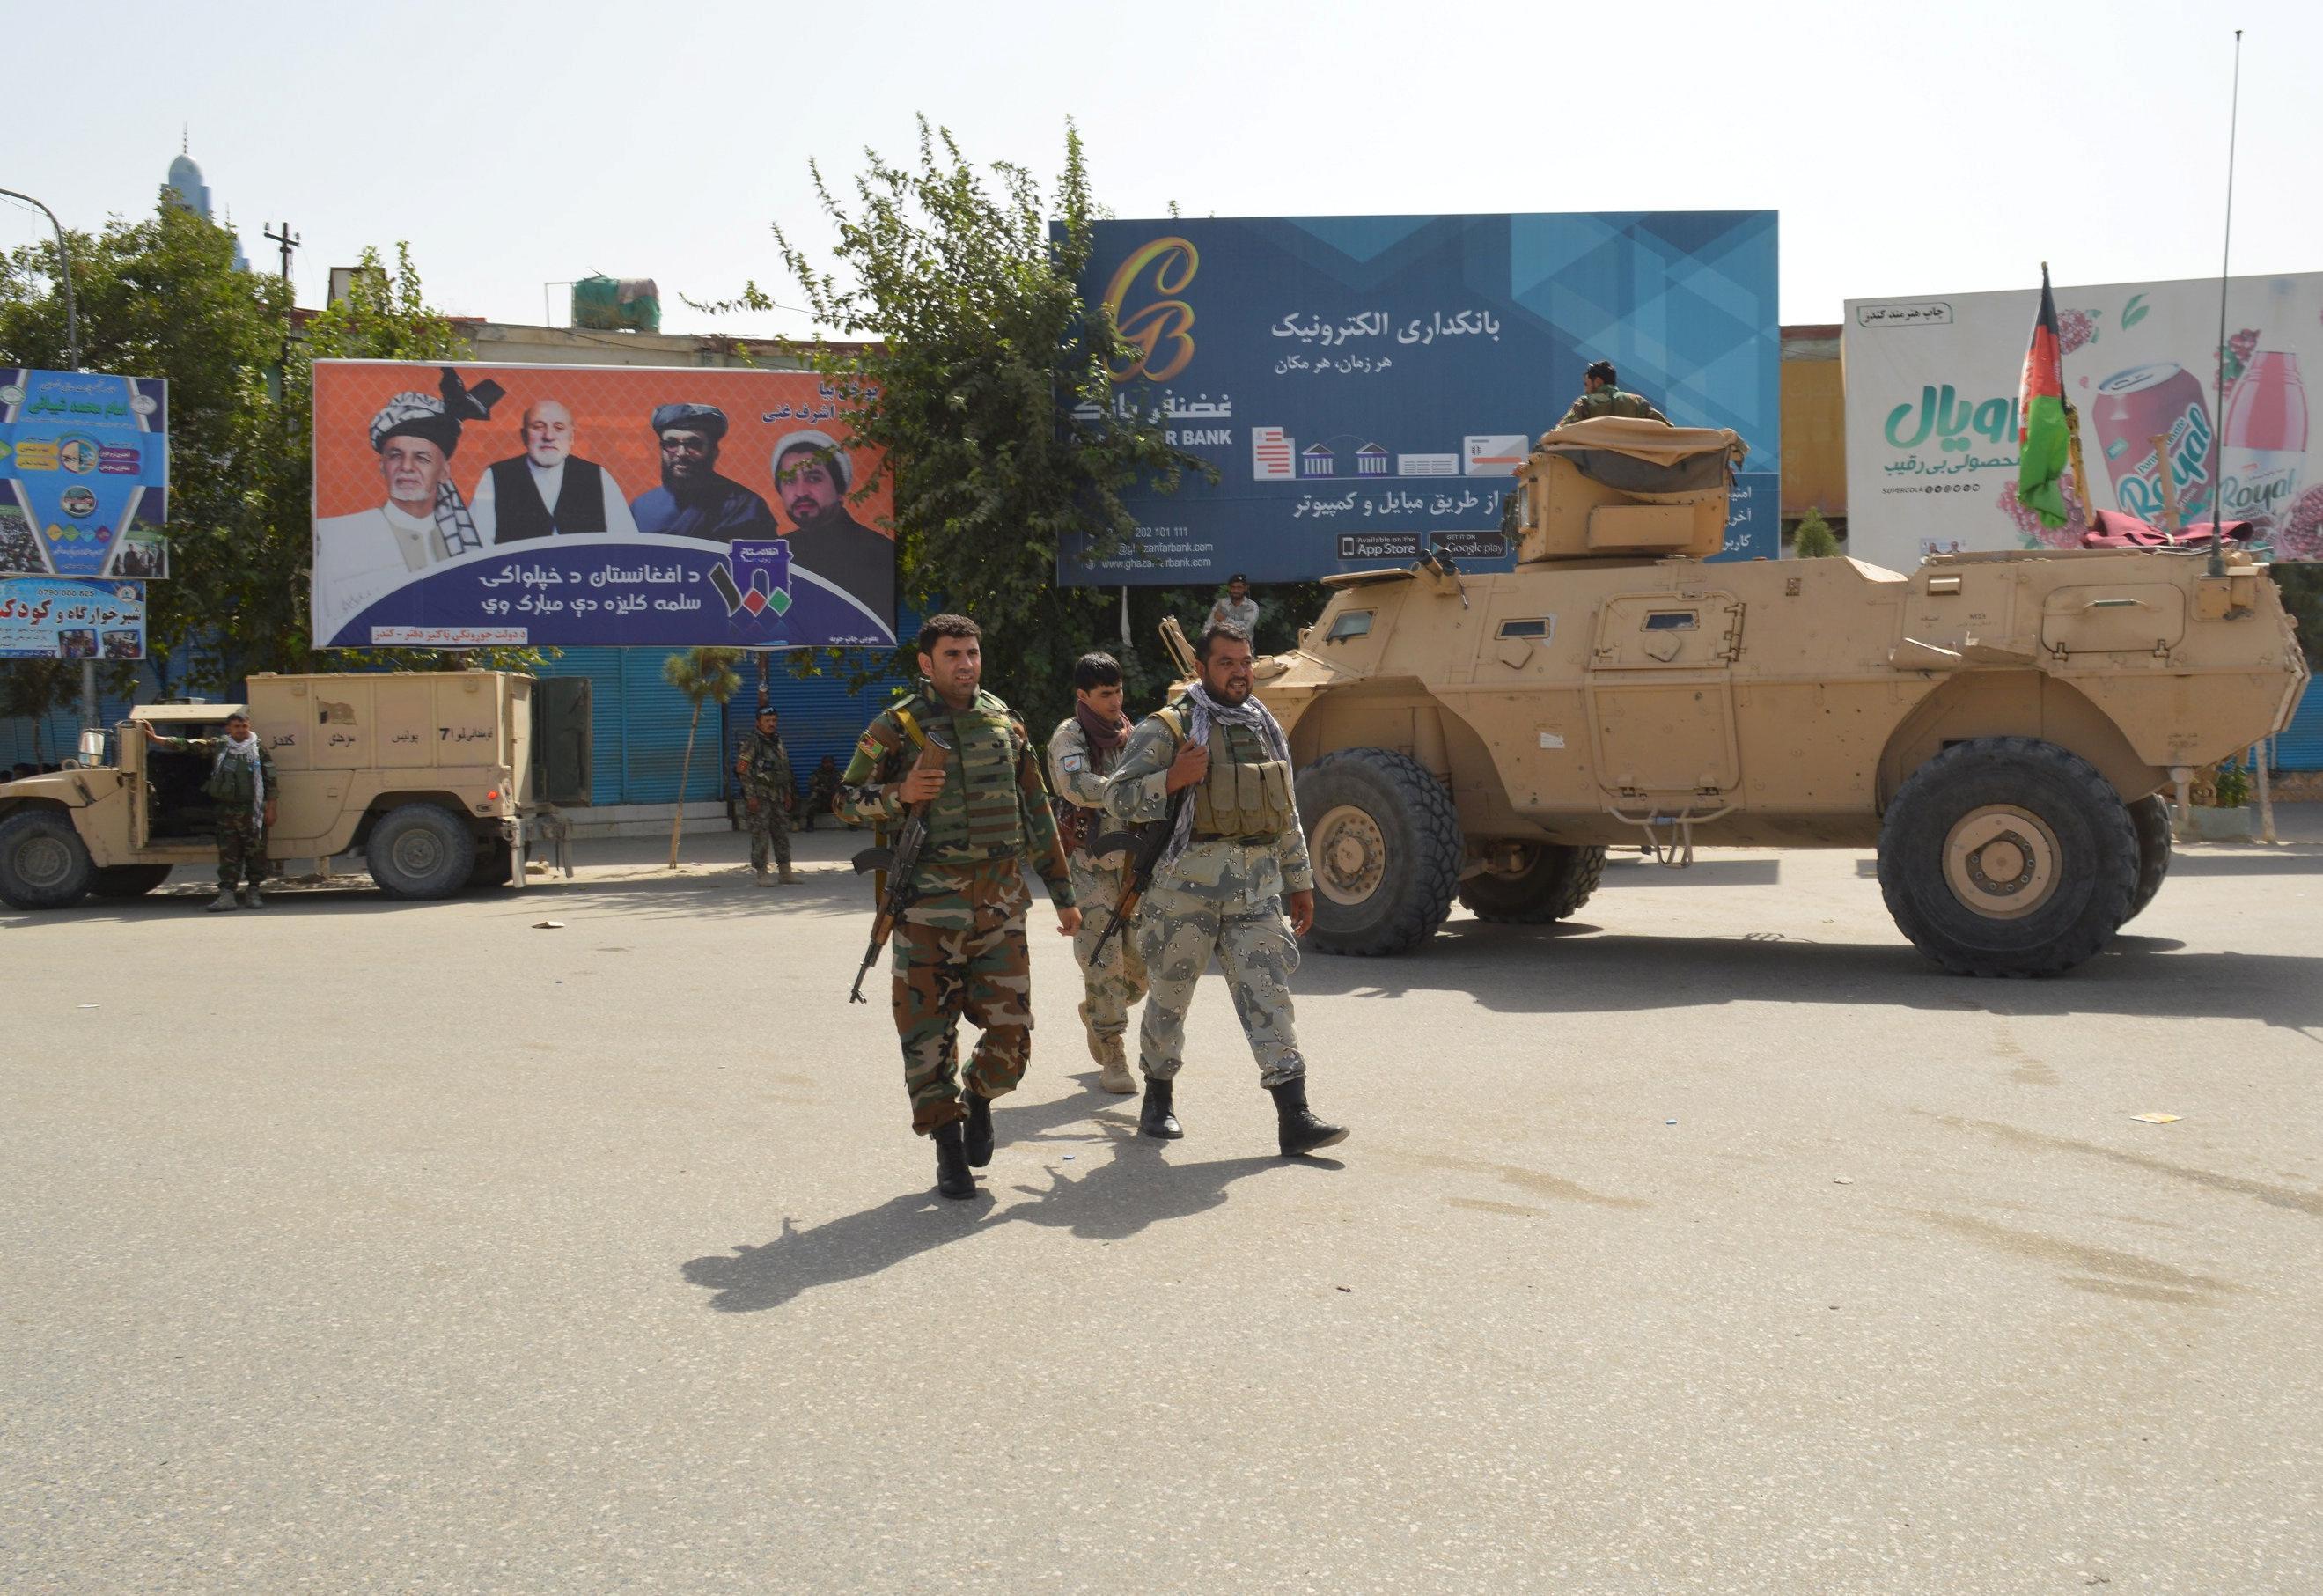 Des dizaines de personnes sont tuées sous le choc des talibans et des forces afghanes à Kunduz malgré les pourparlers de paix